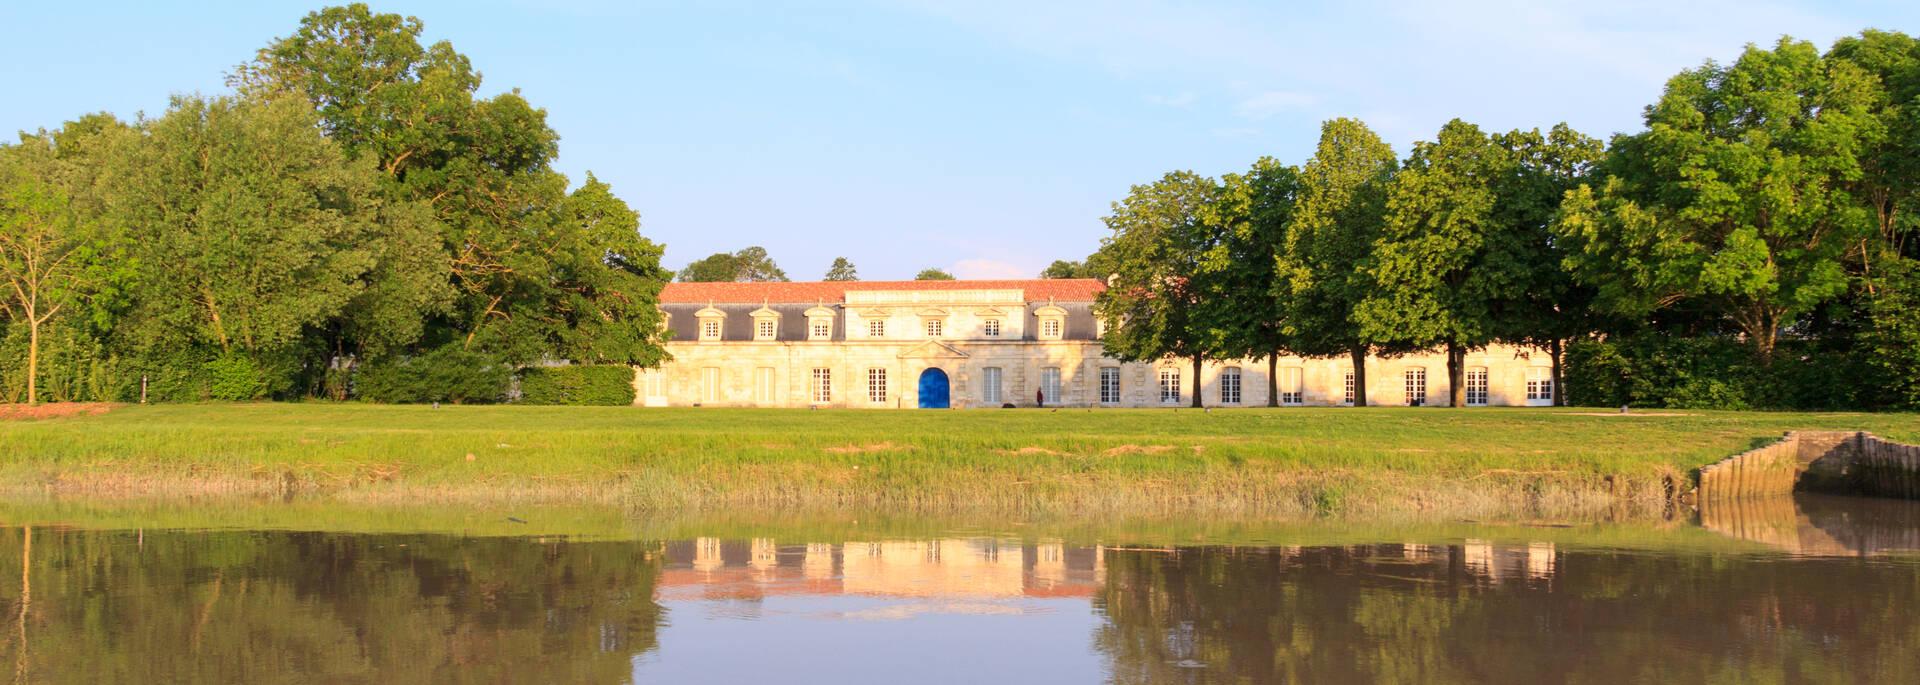 Vue de la Charente sur la Corderie Royale - © Vincent Edwell